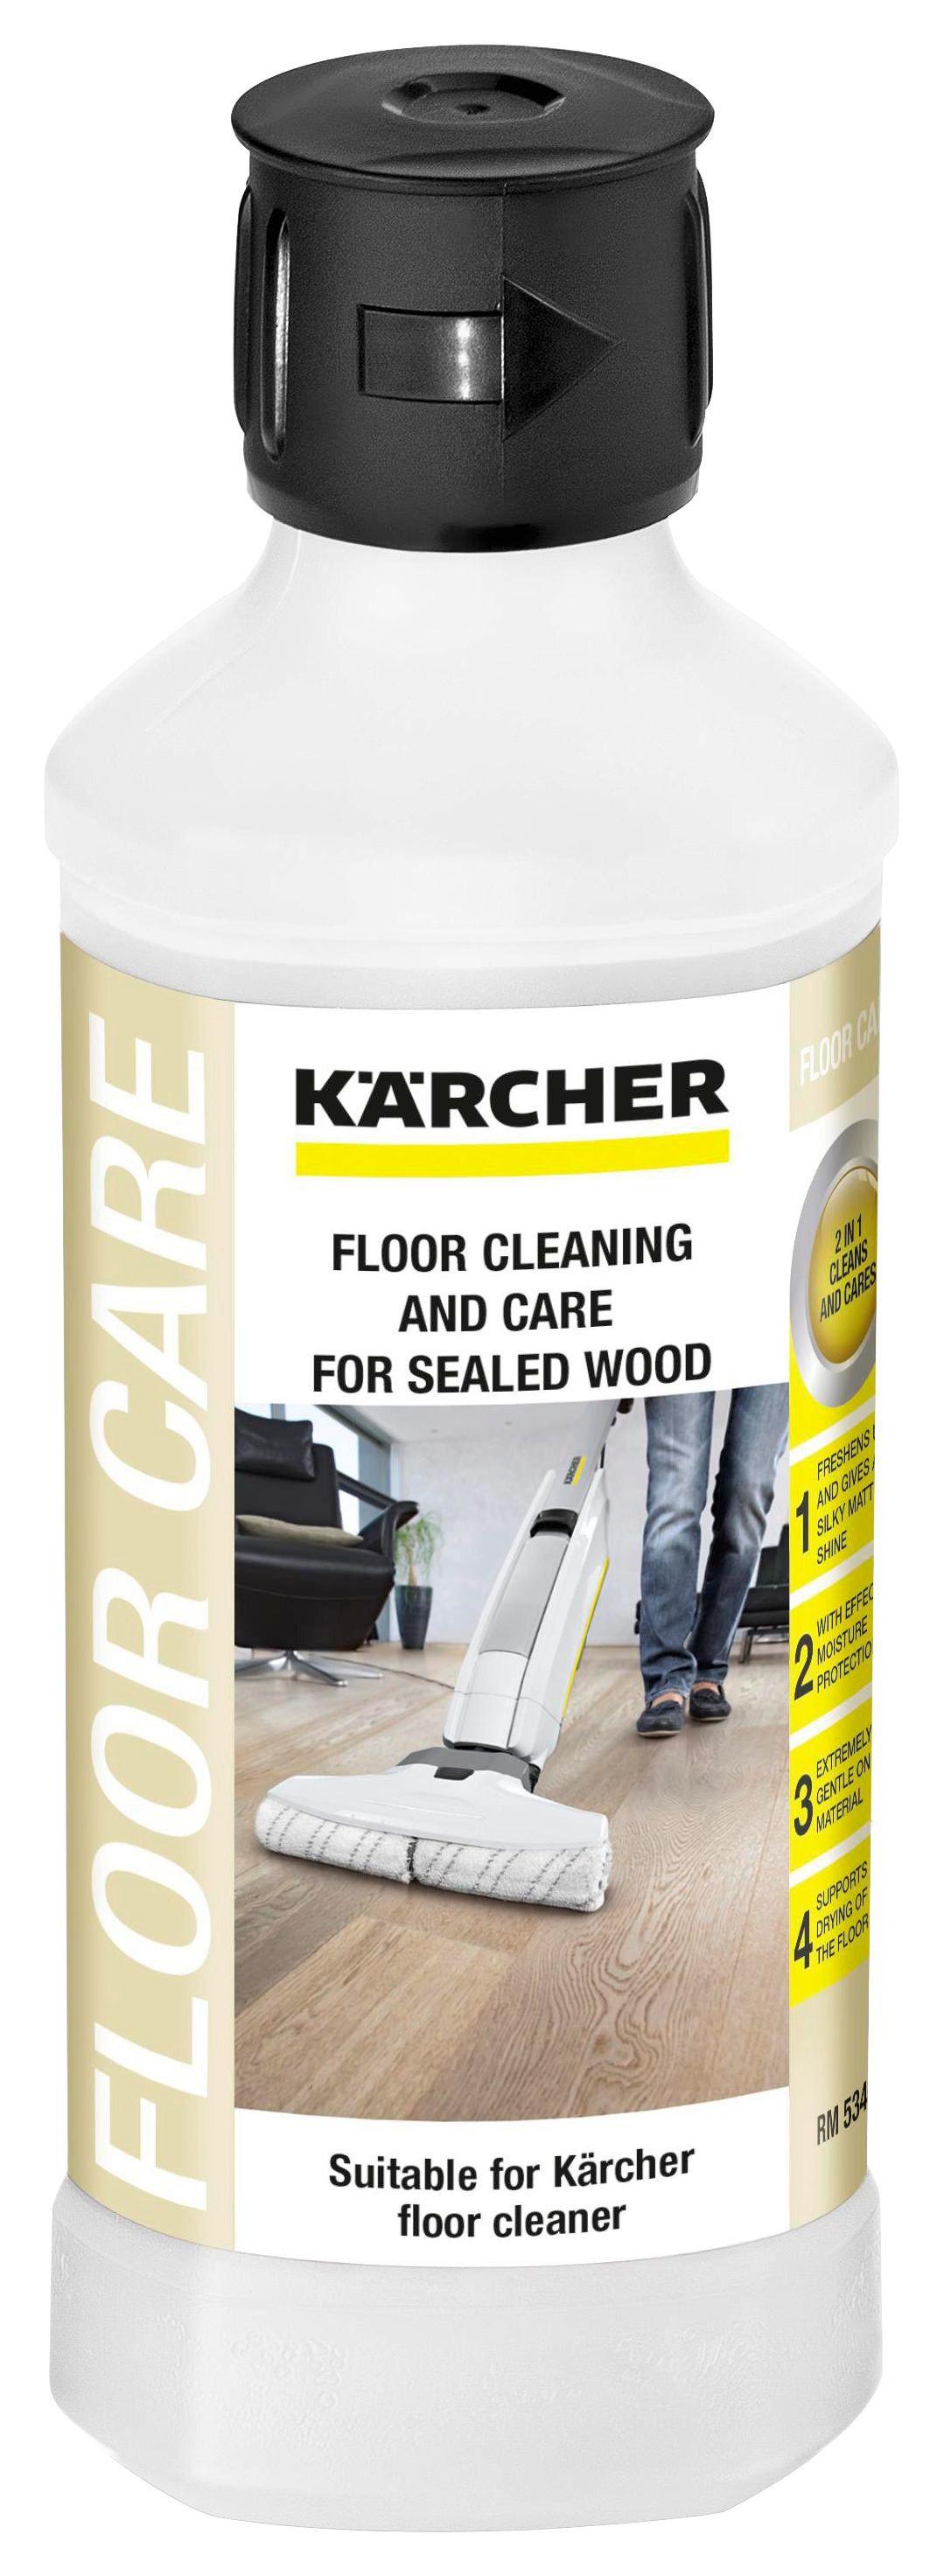 Bodenreinigungmittel für Versiegelte Holzböden - Schwarz/Weiß, MODERN (6,5/21cm) - Kärcher